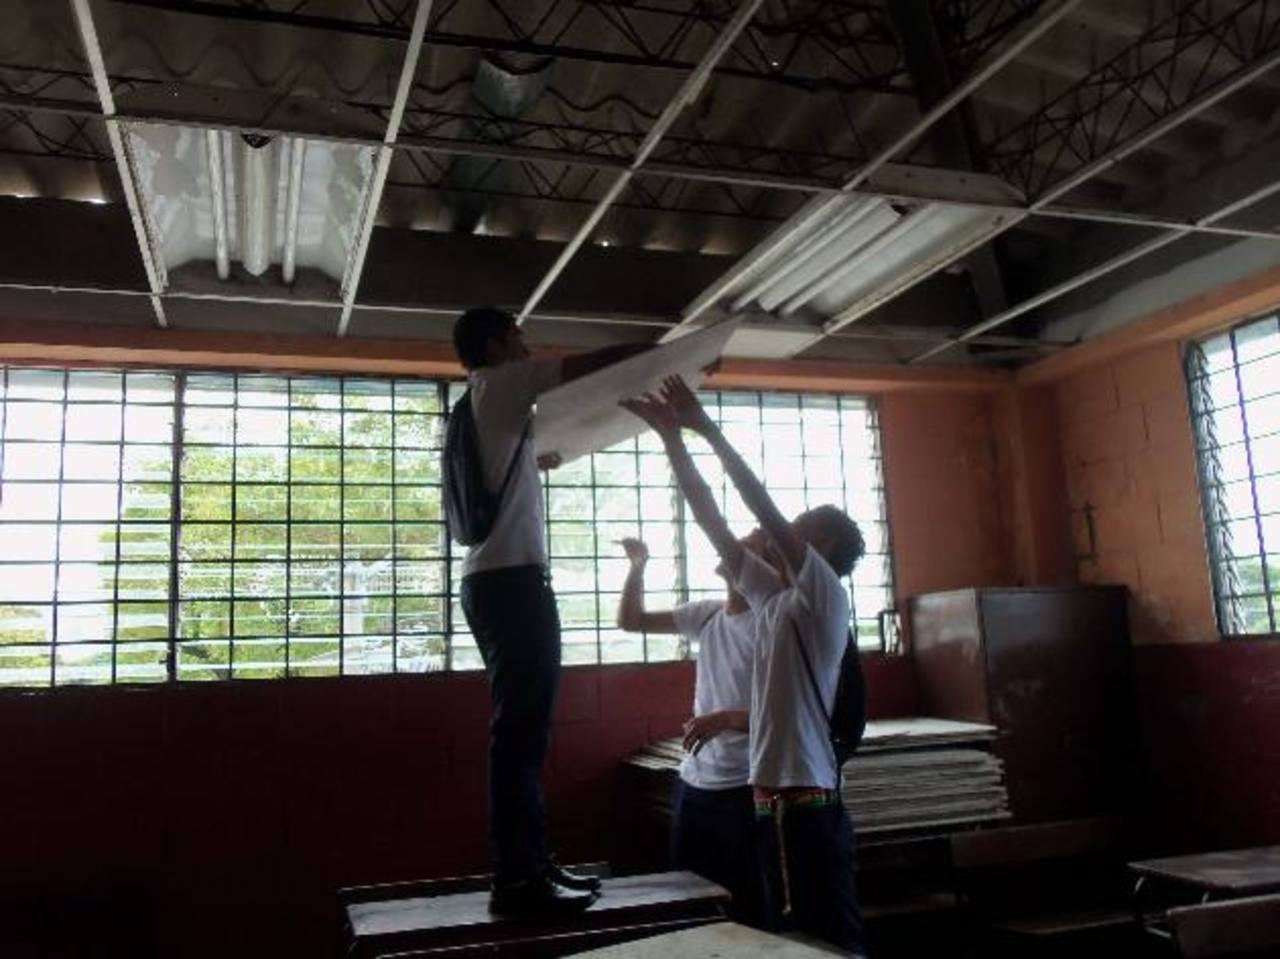 El centro escolar urge del desembolso para realizar los trabajos, que incluyen el cambio de techo. Foto EDH / Mauricio Guevara